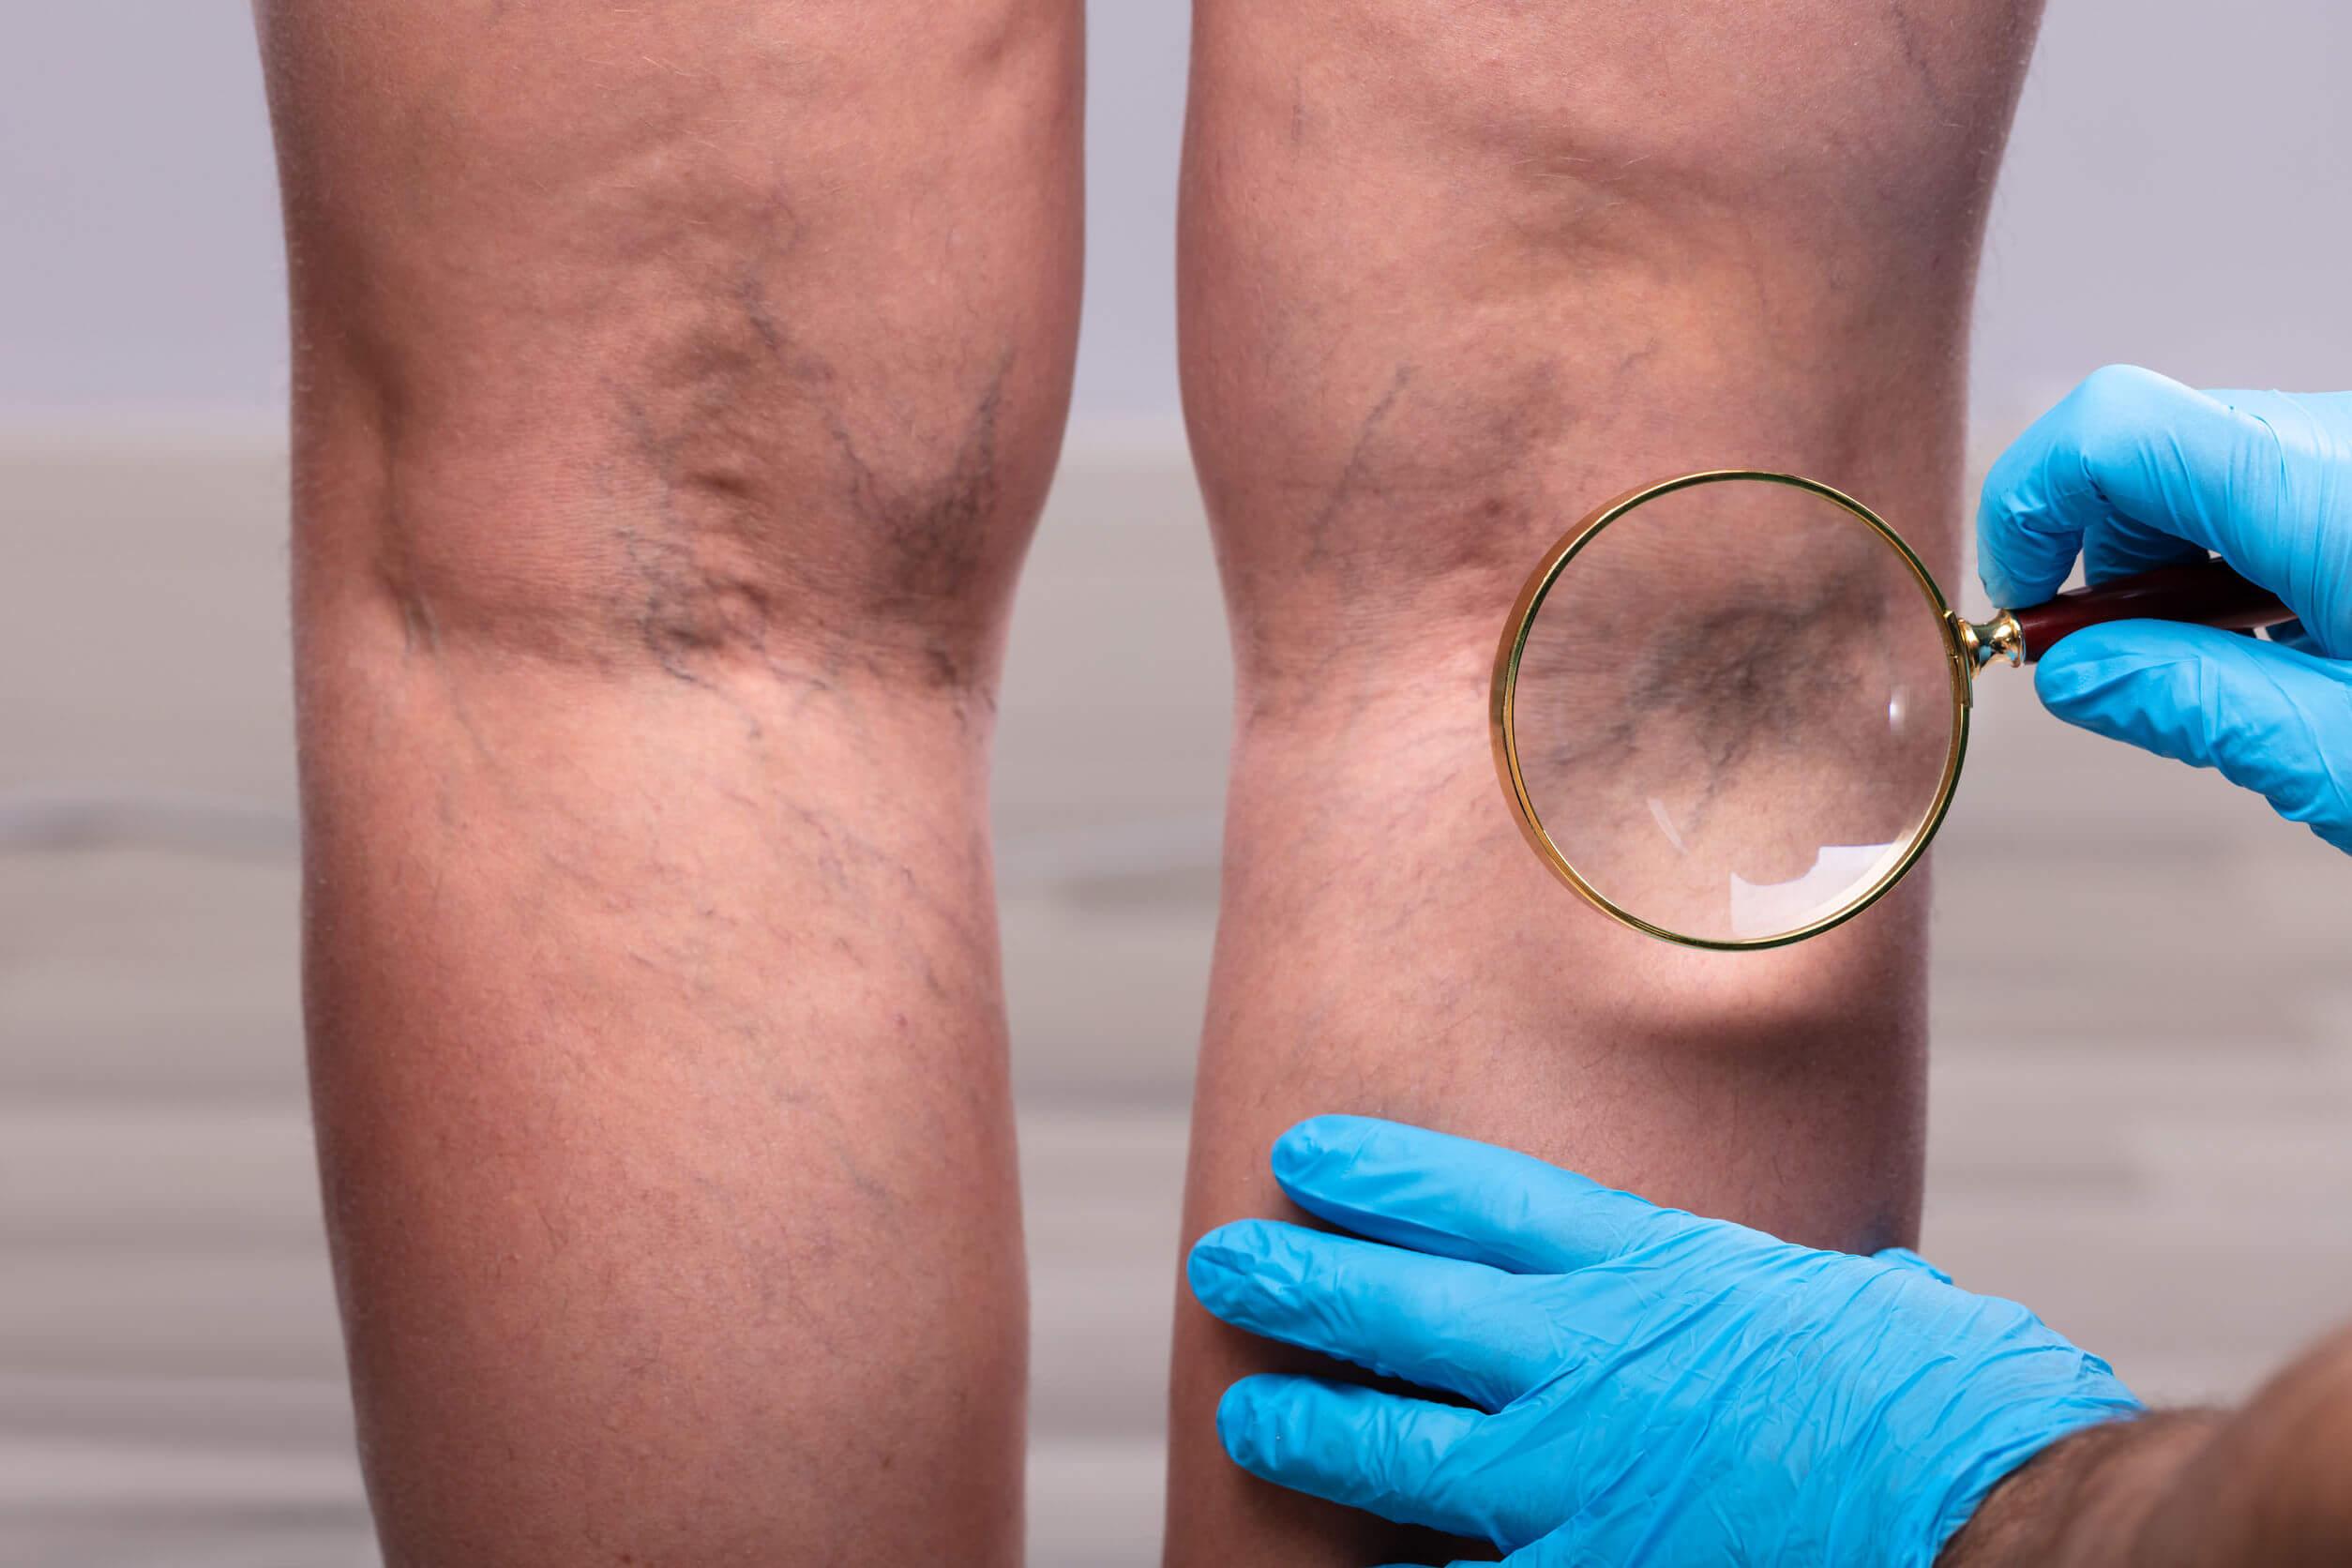 Las piernas hinchadas son comunes.